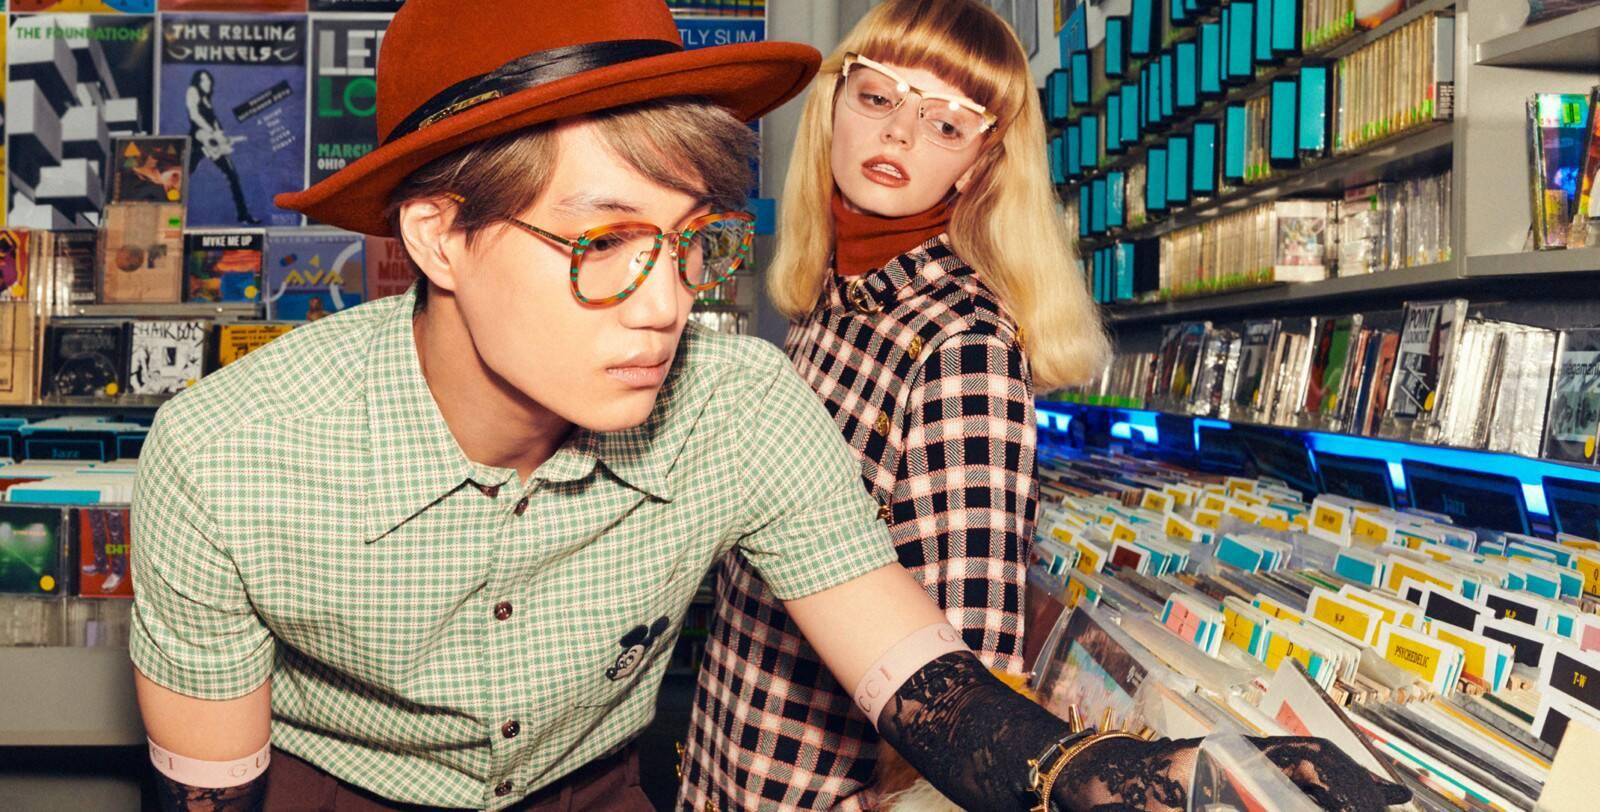 Thương hiệu kính mắt thời trang Gucci - Ảnh 2